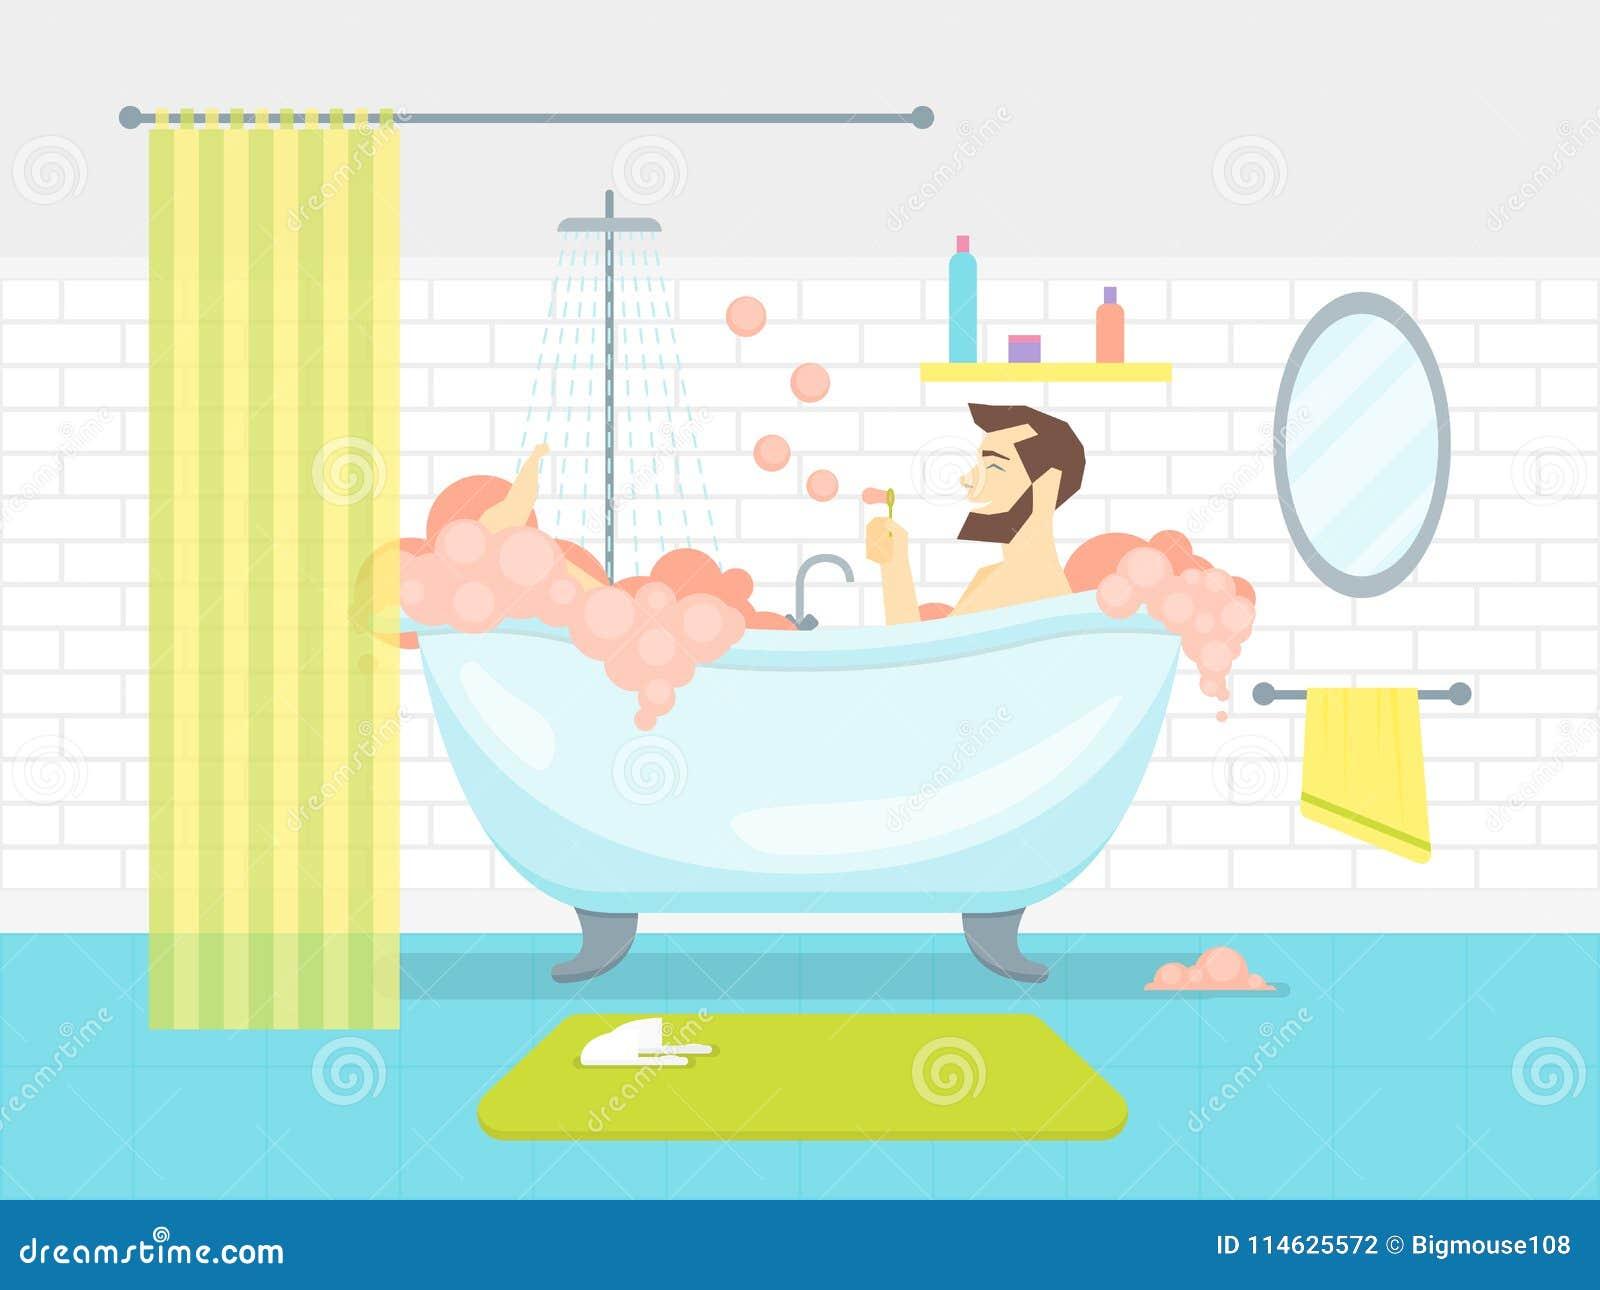 Karikatur Mann In Der Badezimmer Badewanne Mit Schaum Karten Plakat Vektor Vektor Abbildung Illustration Von Badewanne Karikatur 114625572